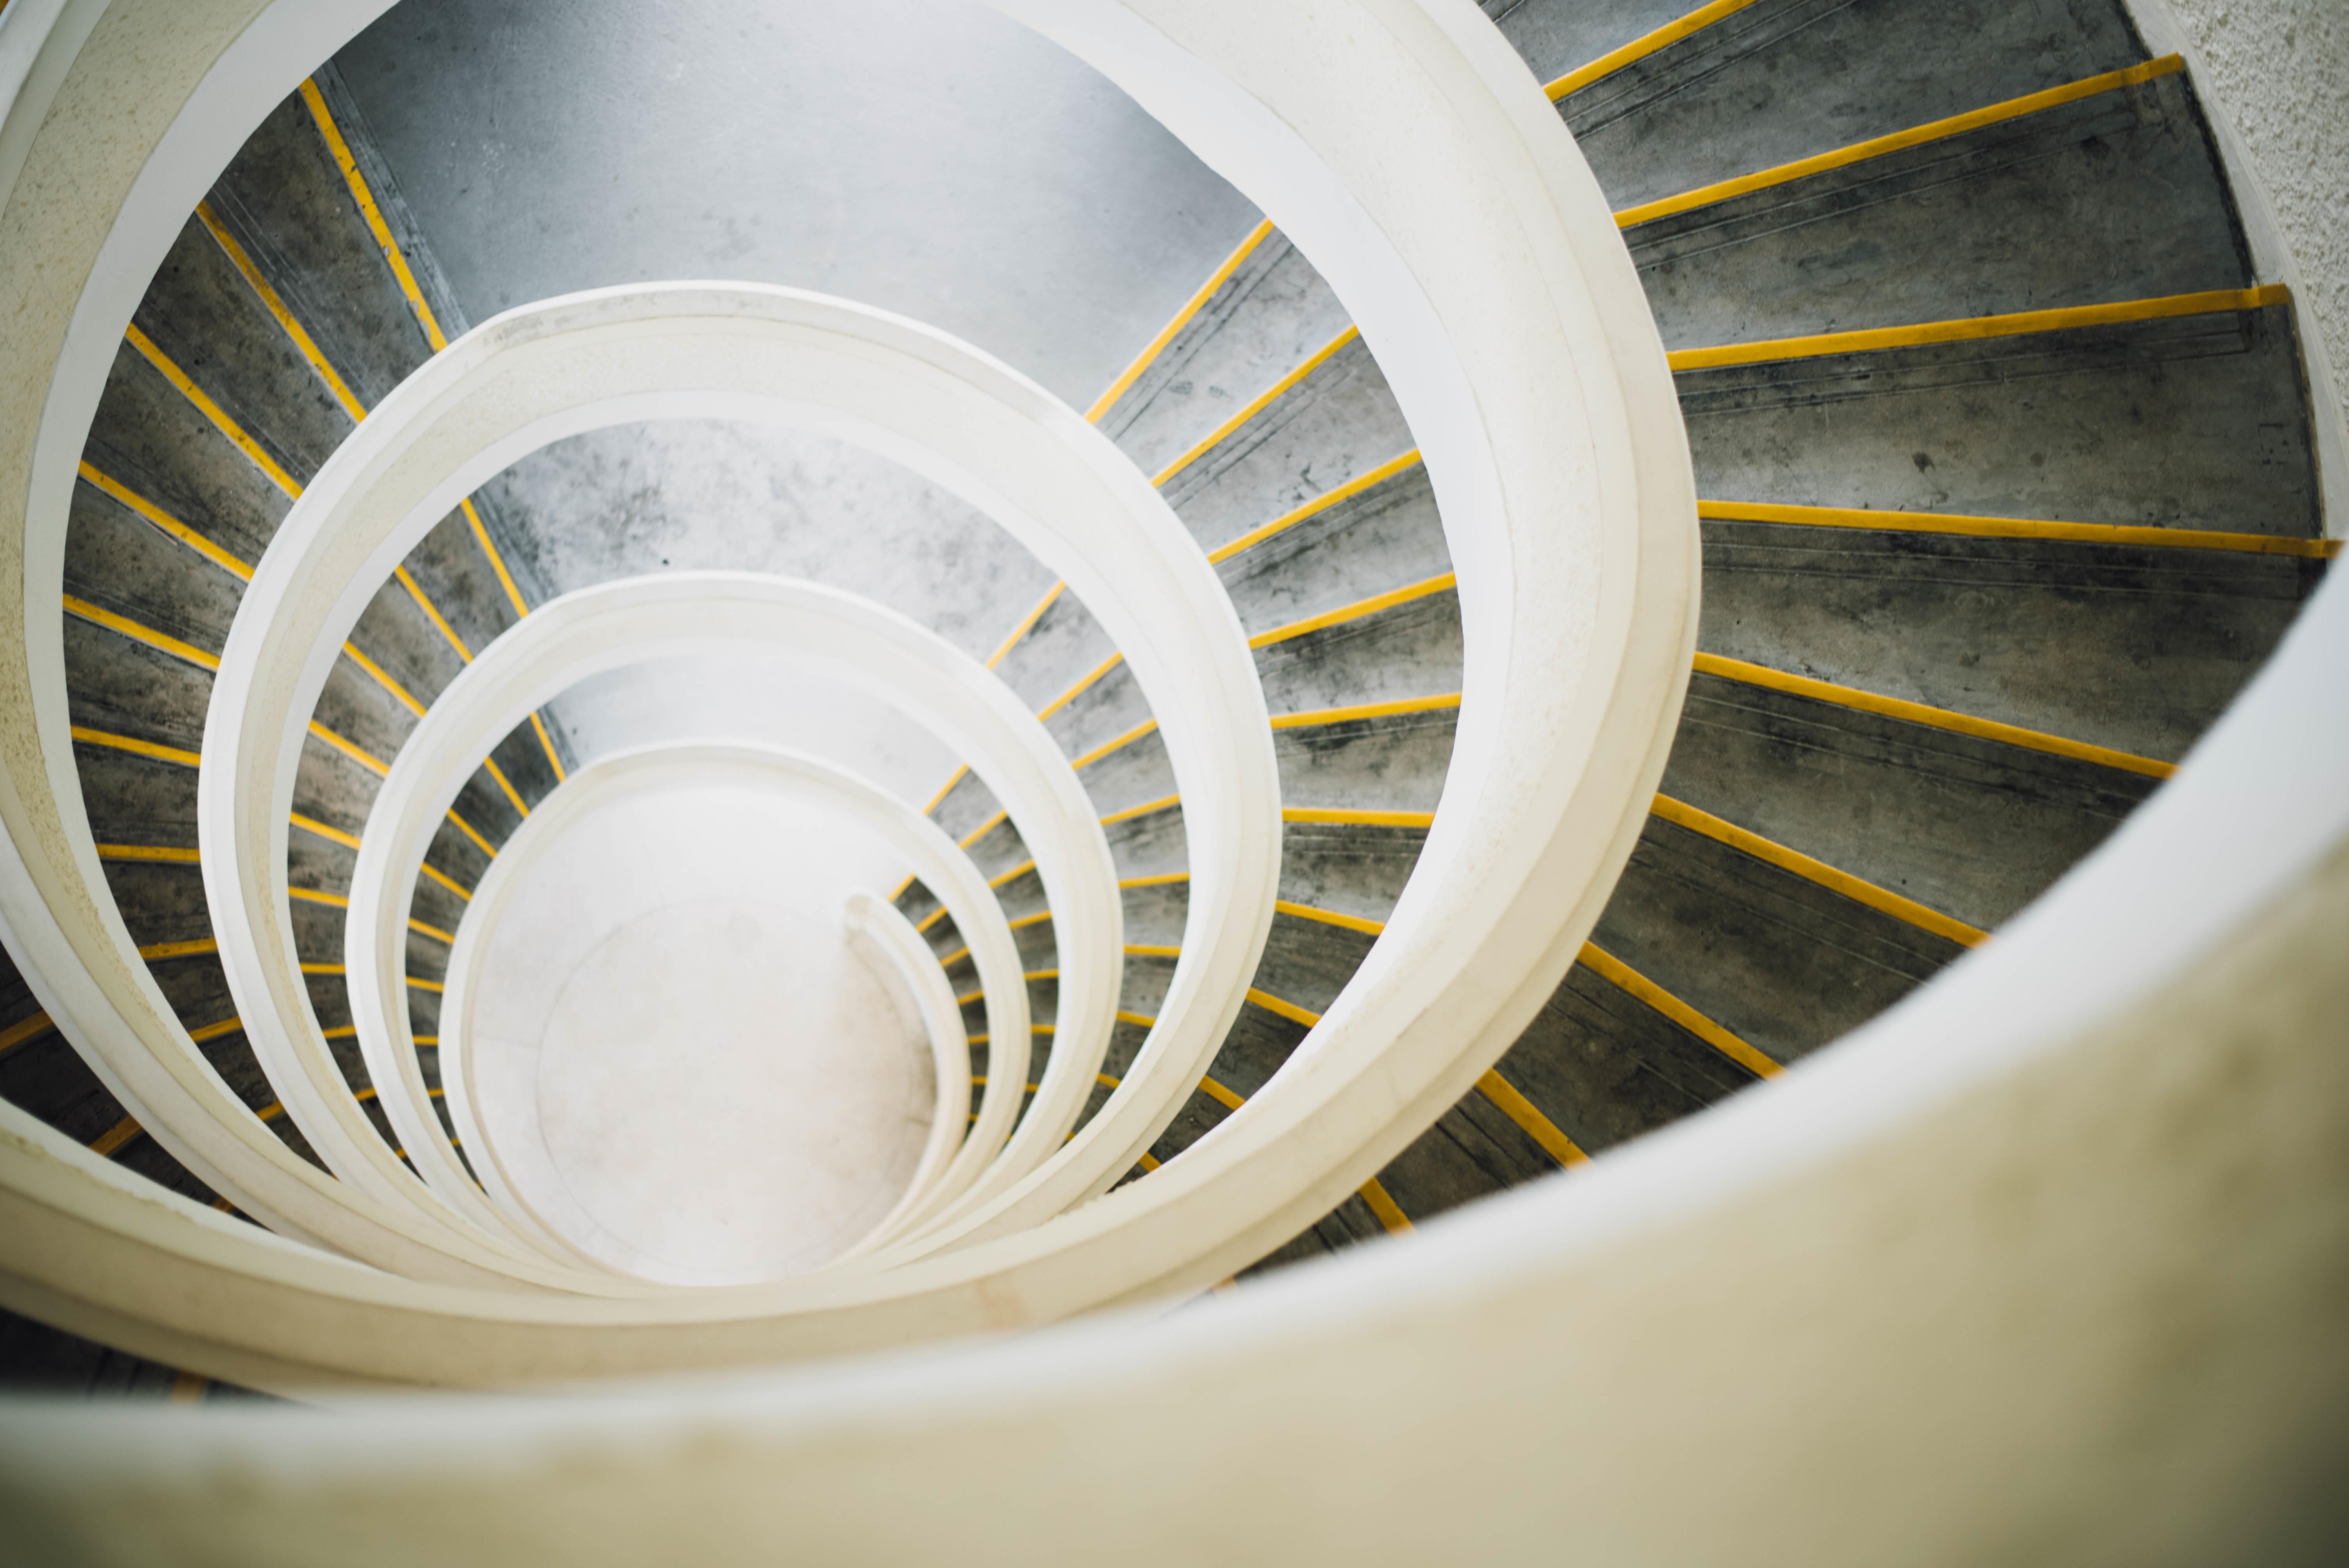 ala ligero estructura blanco fotografa escalera rueda espiral techo curva color escalera amarillo circulo bobina de